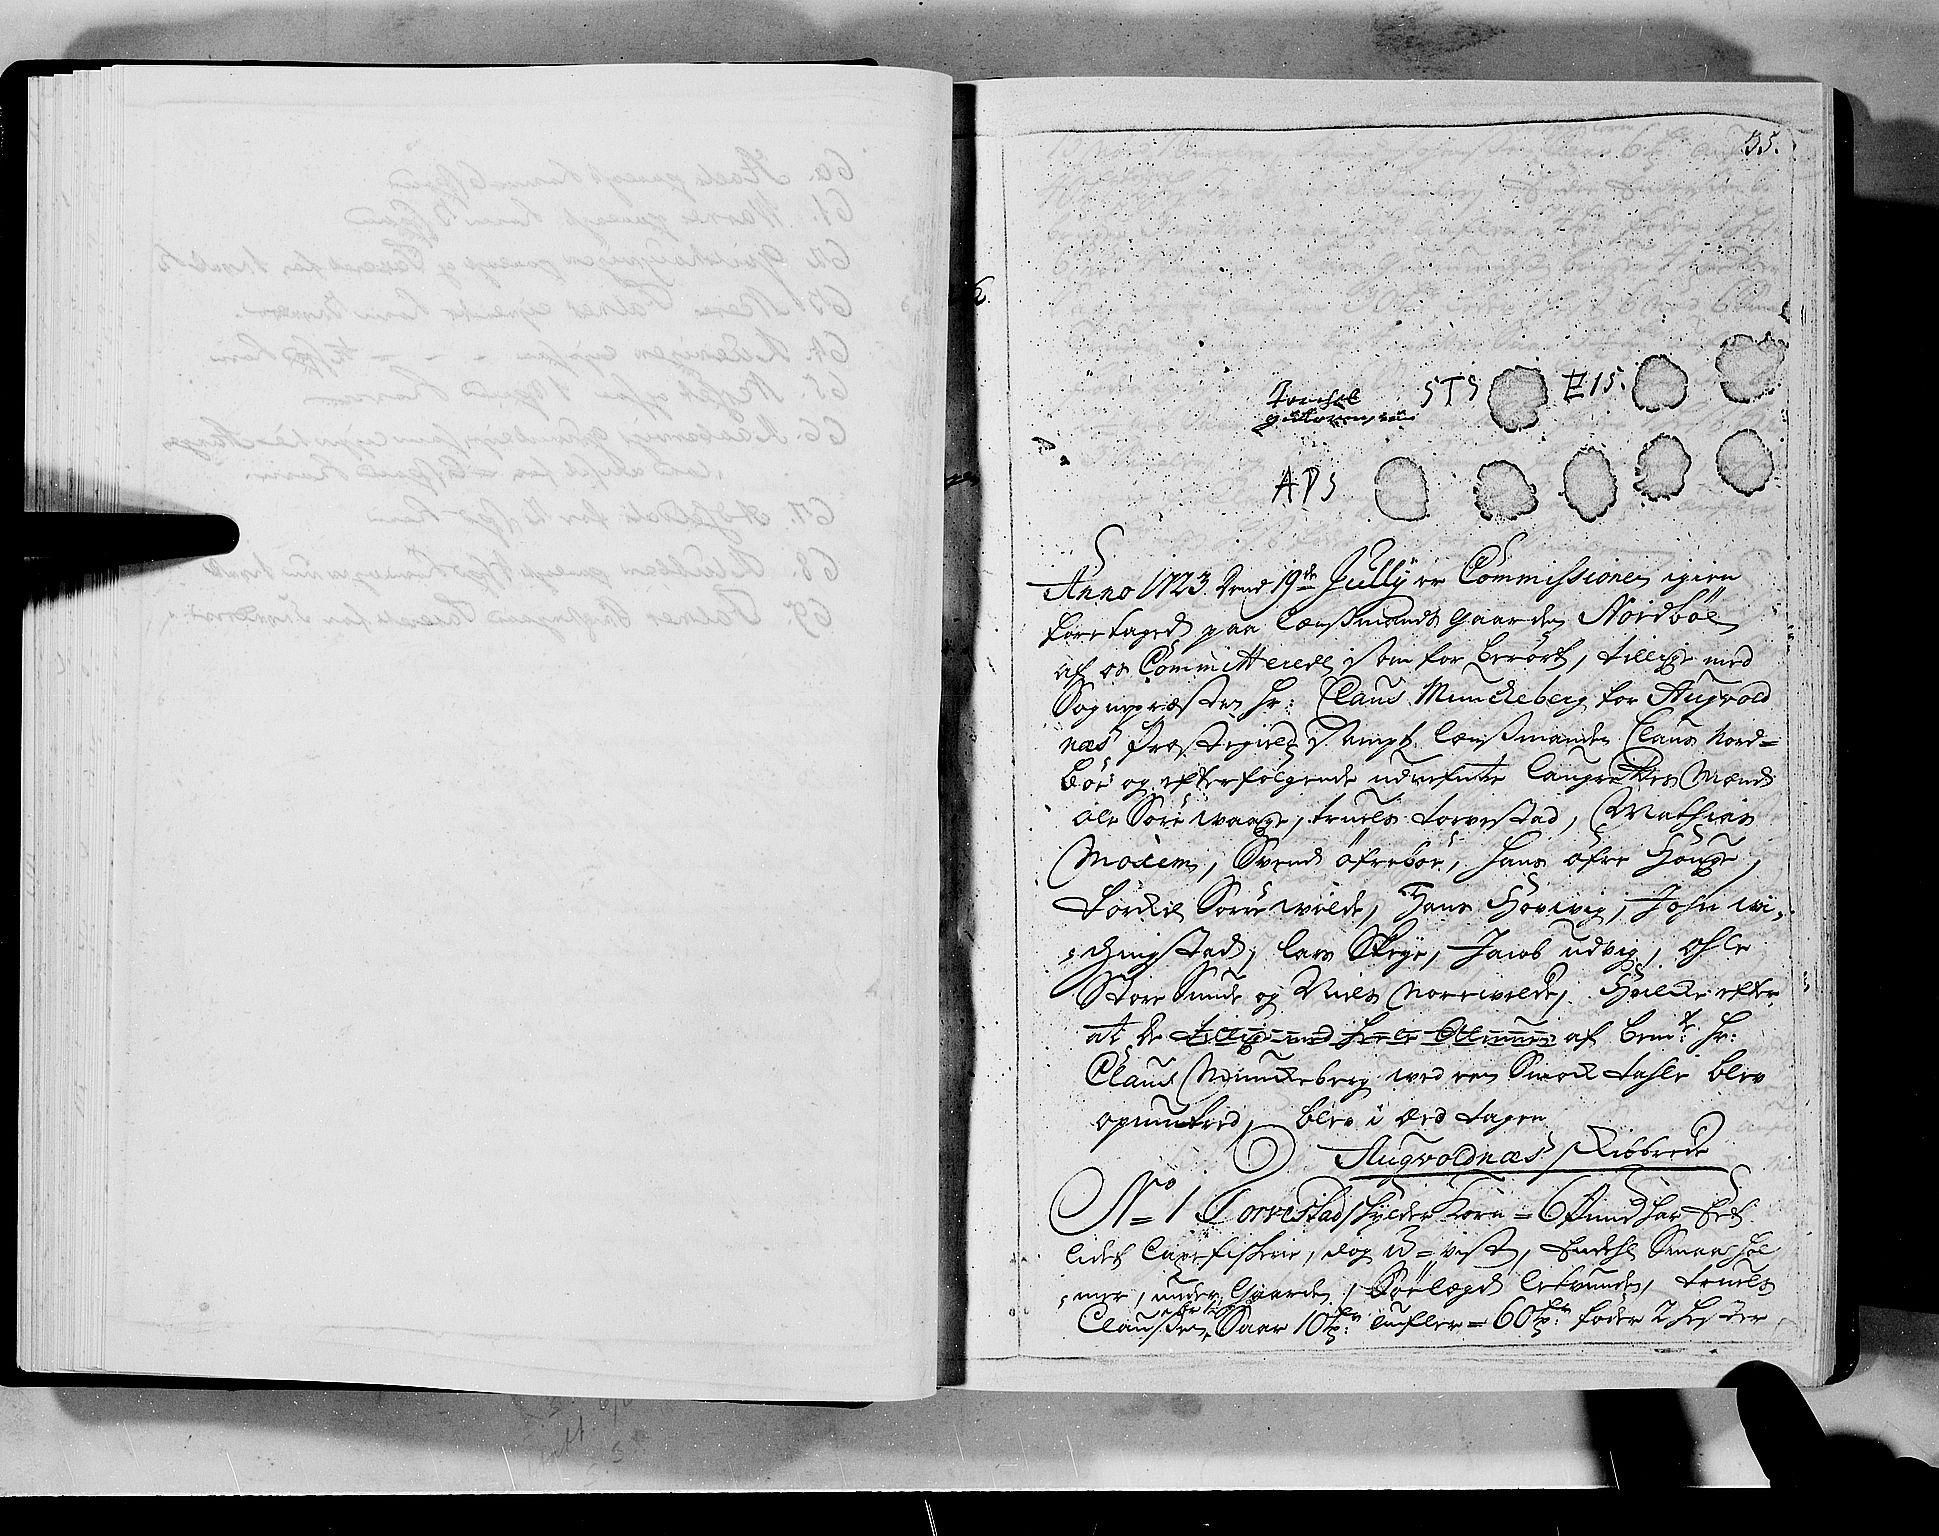 RA, Rentekammeret inntil 1814, Realistisk ordnet avdeling, N/Nb/Nbf/L0133a: Ryfylke eksaminasjonsprotokoll, 1723, s. 35a